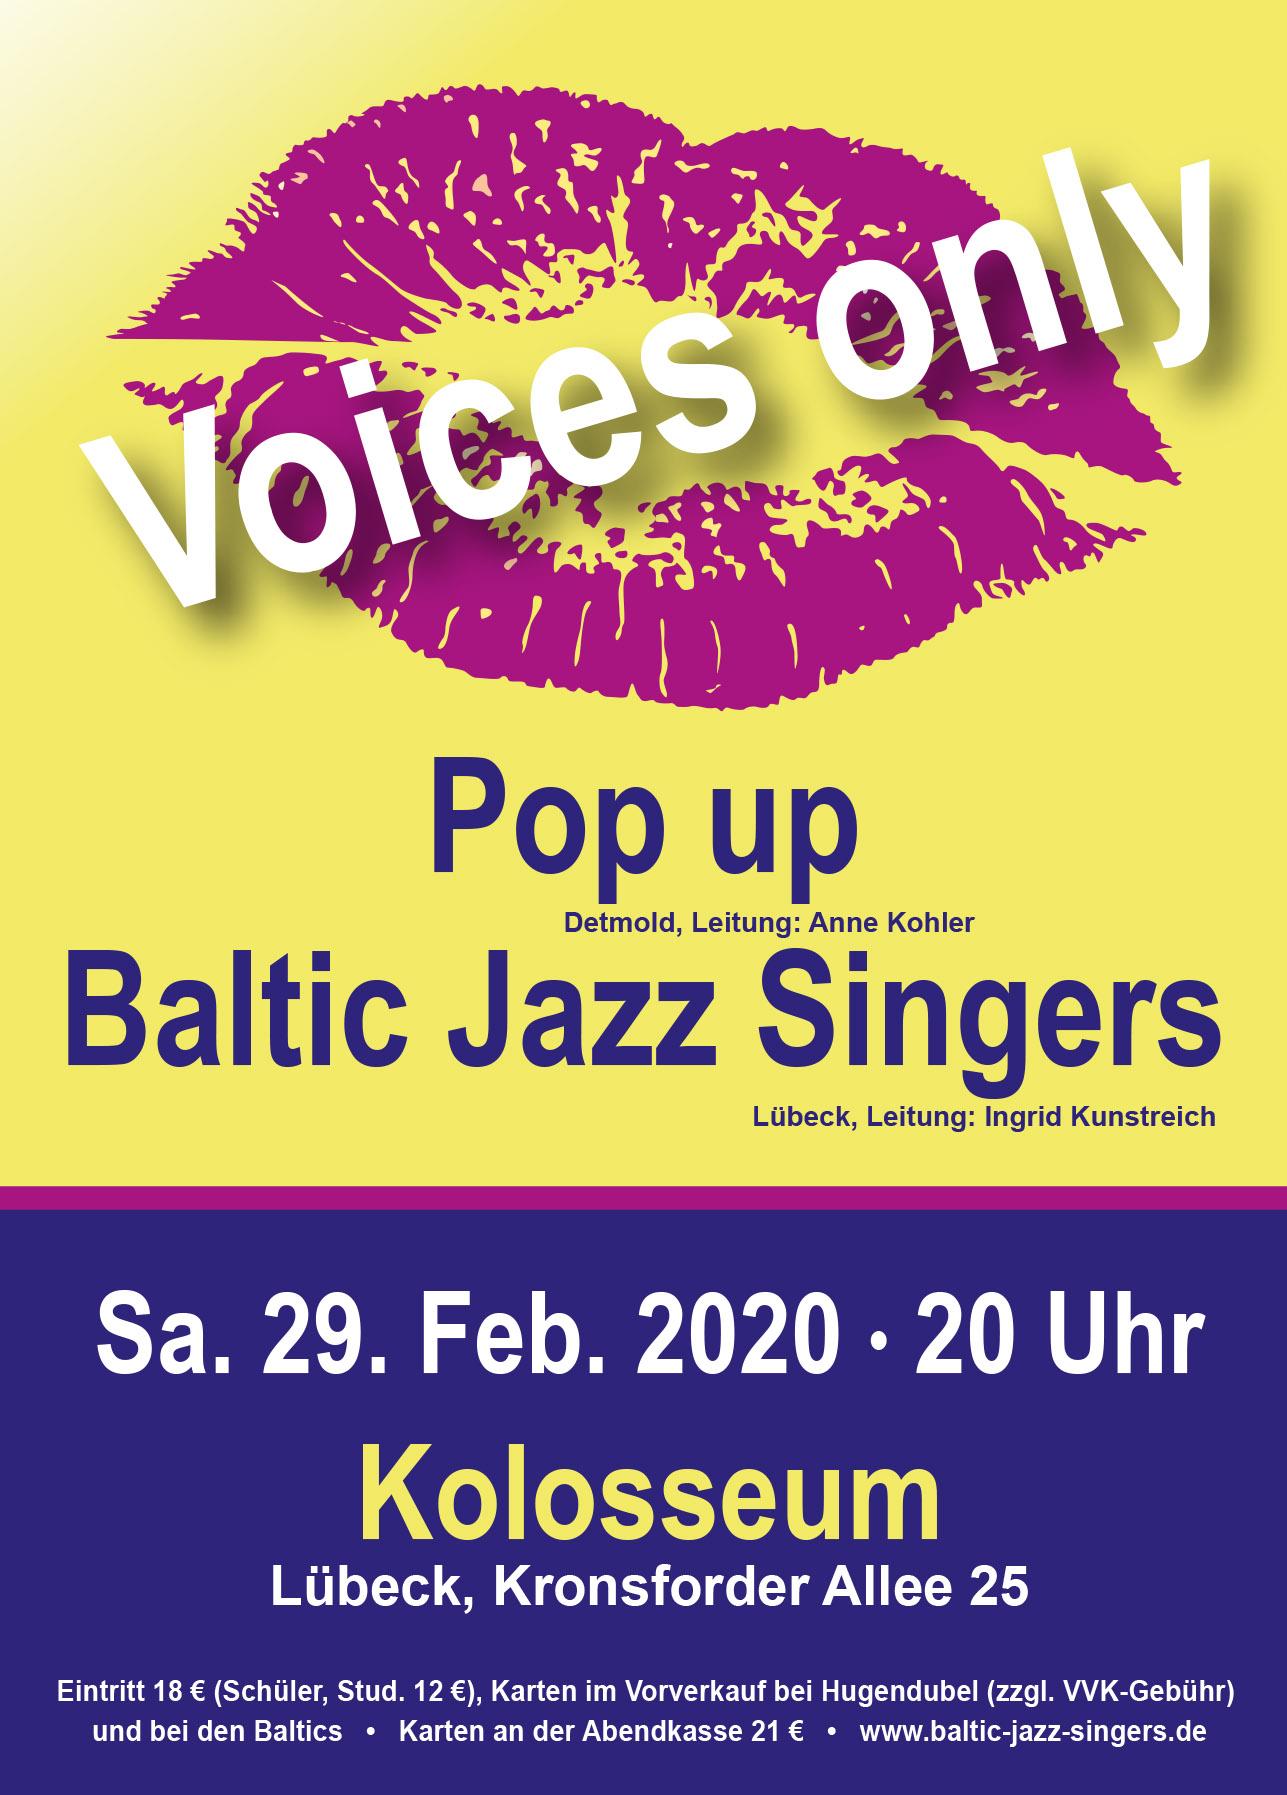 Pop-Up beim Voices-Only 2020 mit den Baltic Jazz Singers in Lübeck, Kolosseum